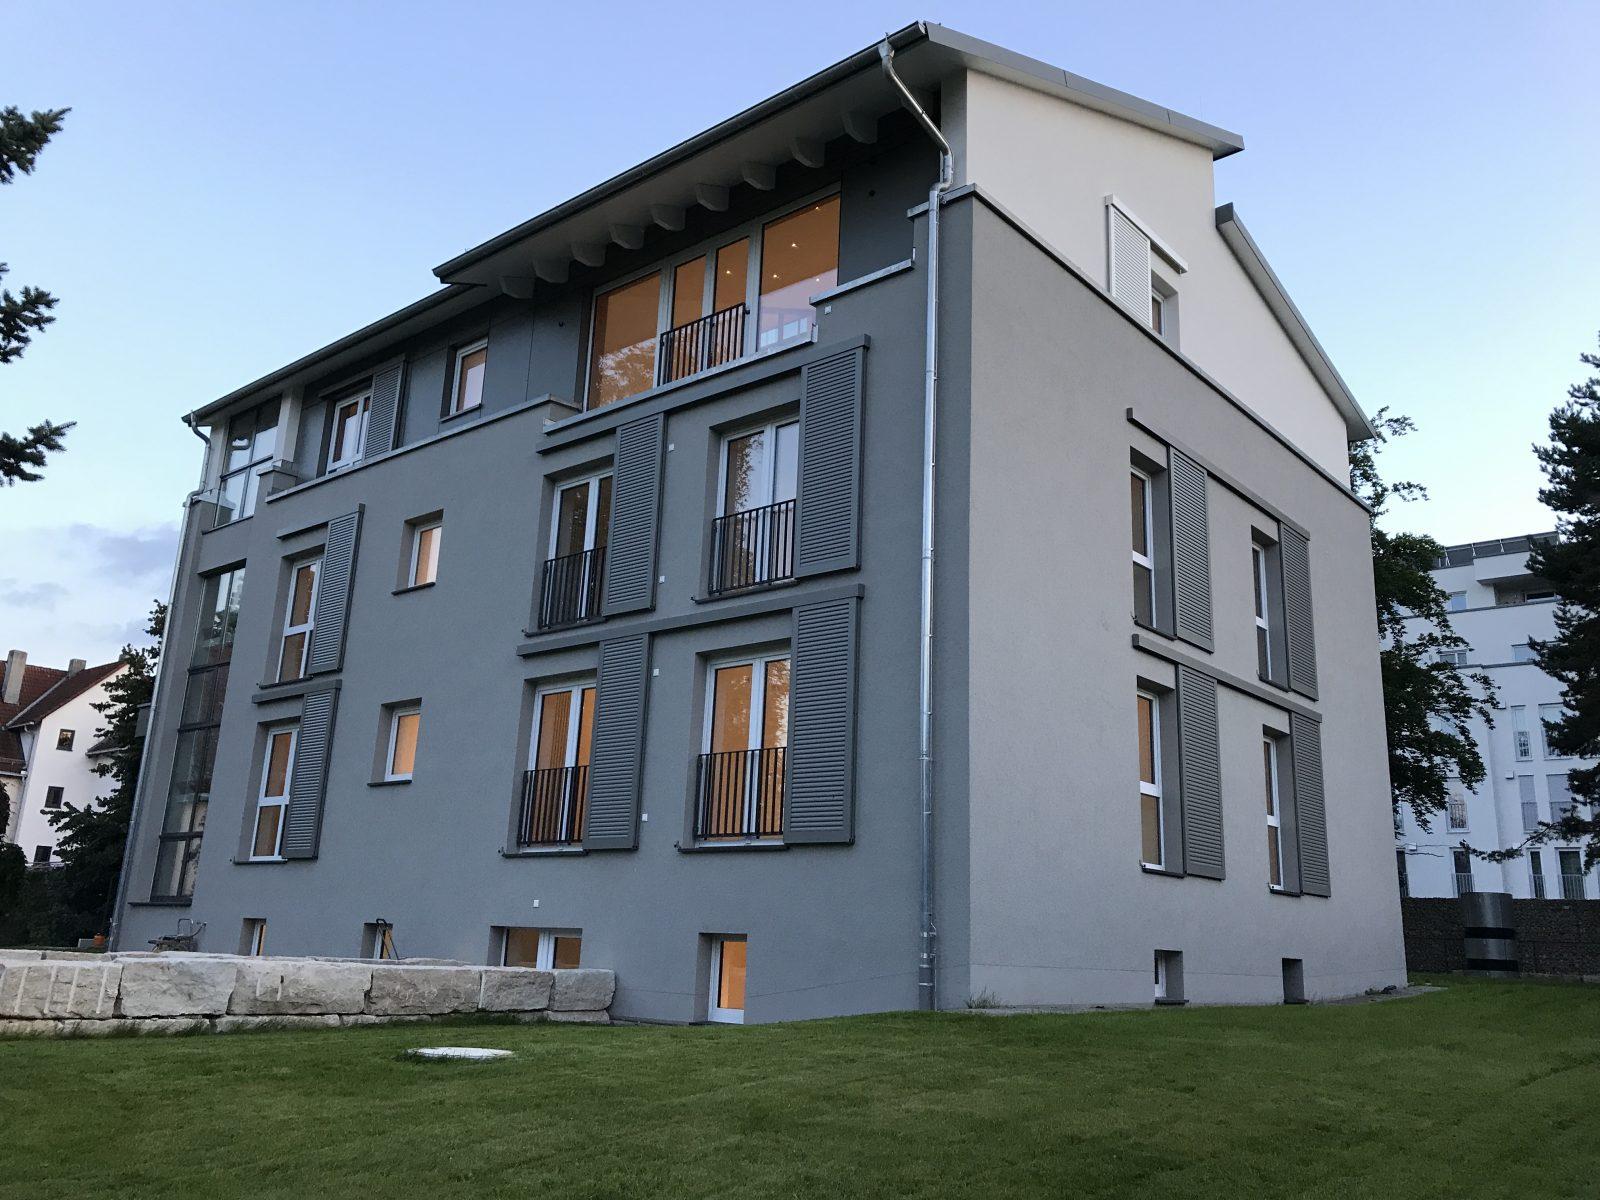 Wohn- und Bürogebäude Dr.-Mack-Straße